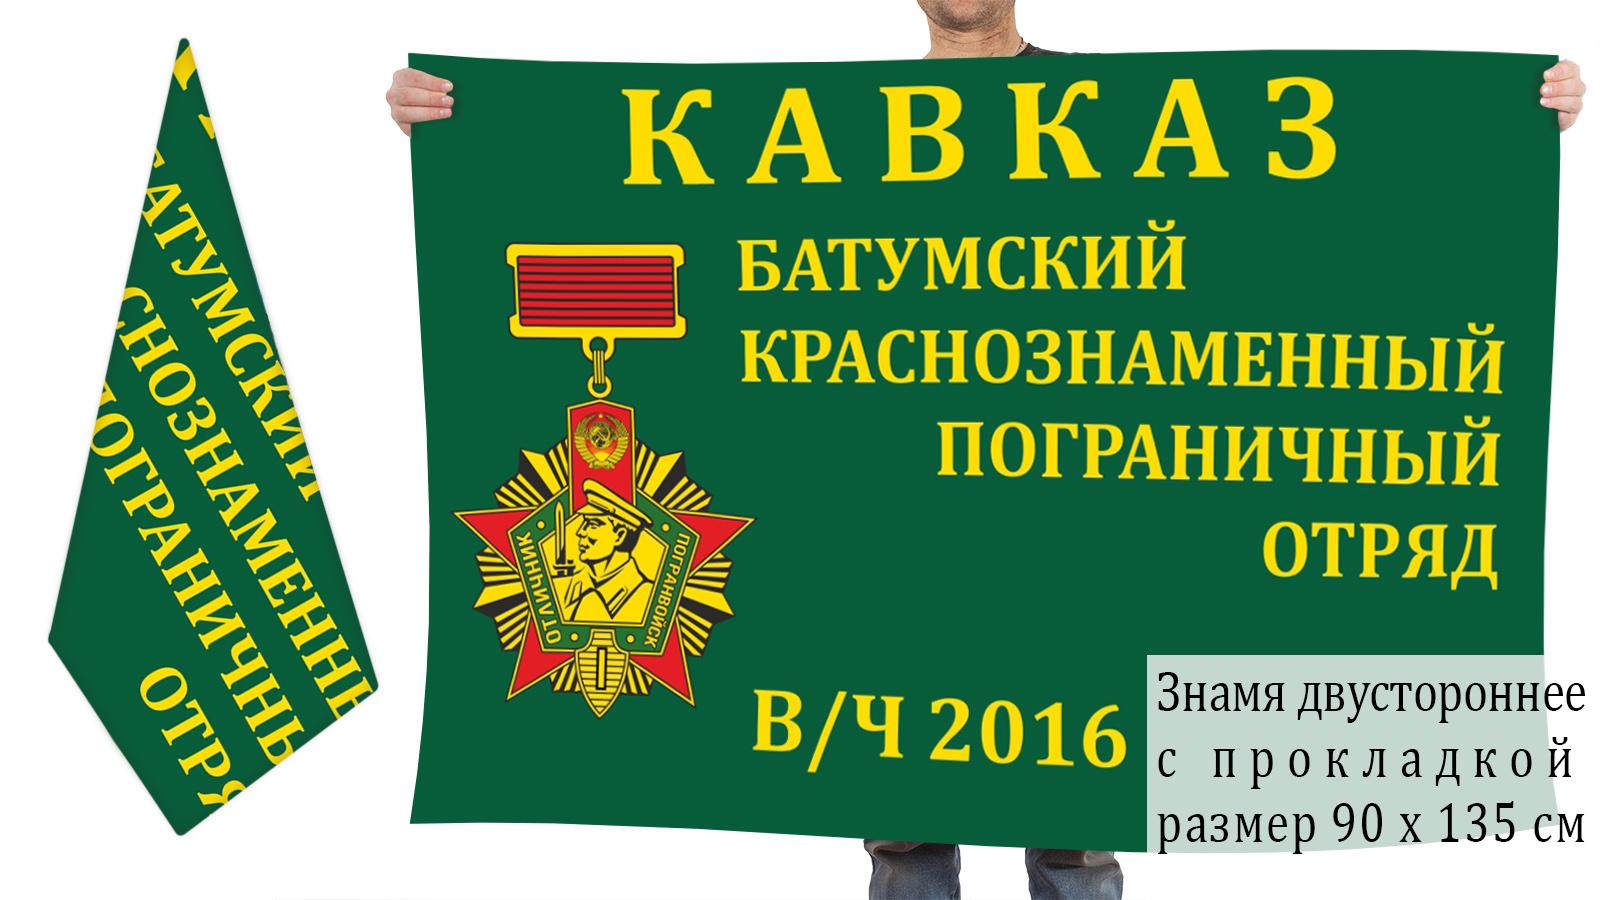 Двусторонний флаг Батумского пограничного отряда